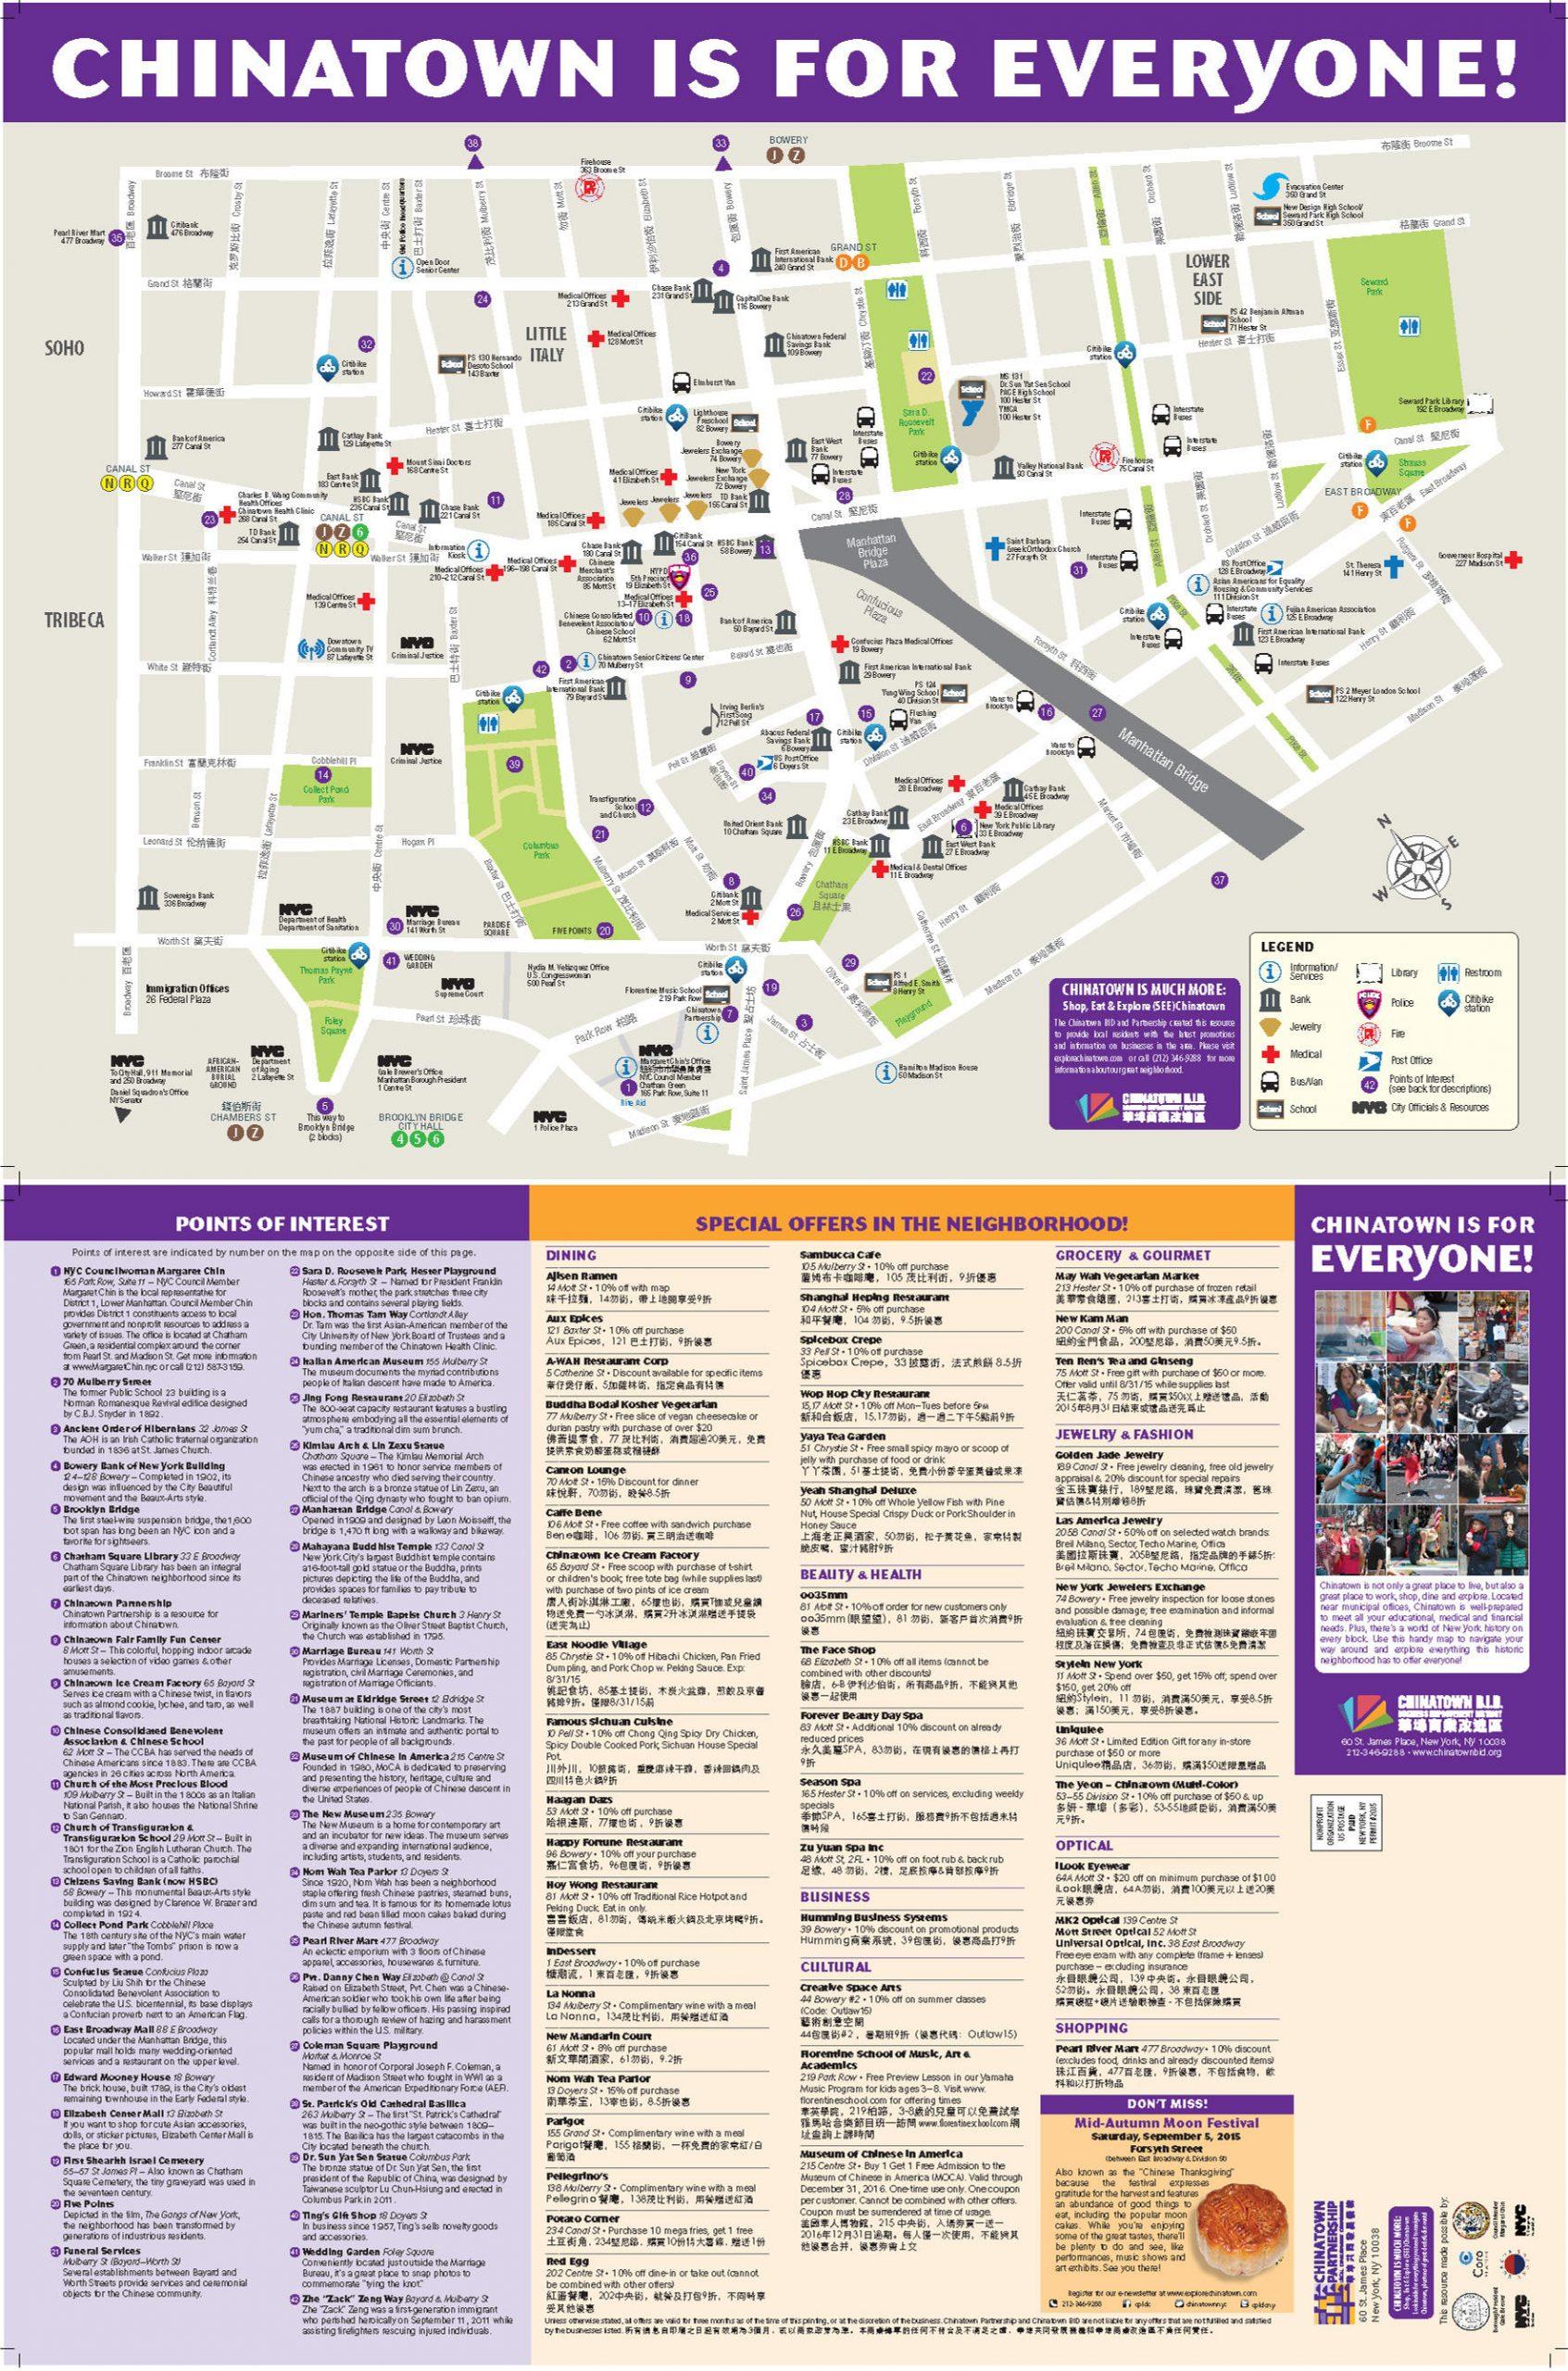 Chinatown Map Chinatown NYC